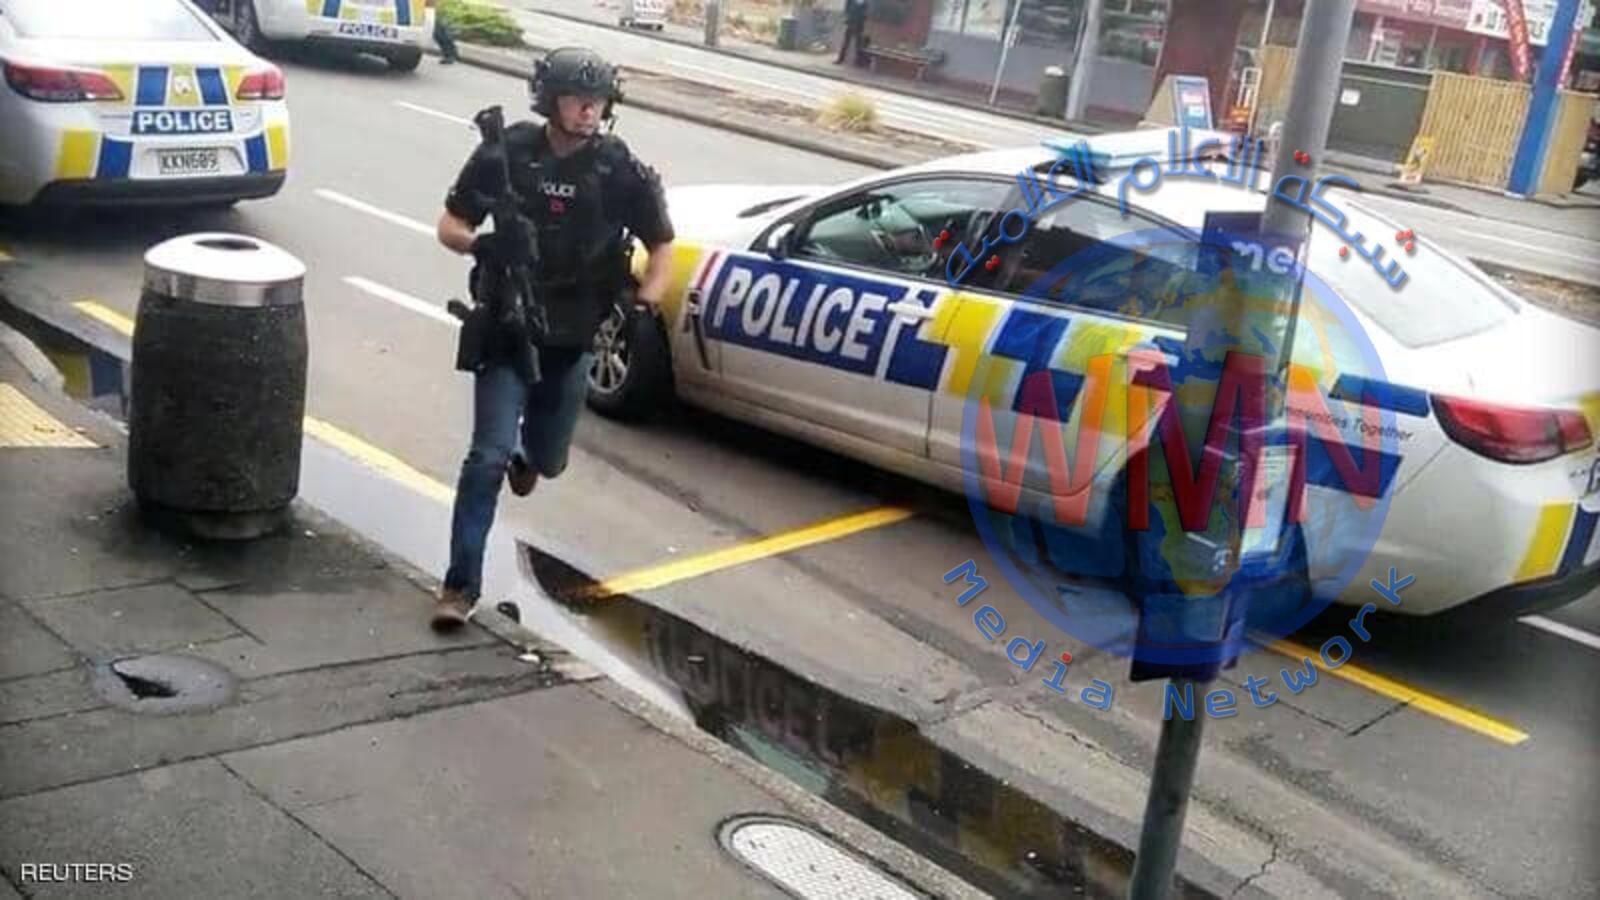 نيوزيلندا.. إبطال عبوة ناسفة بمدينة مذبحة المسجدين